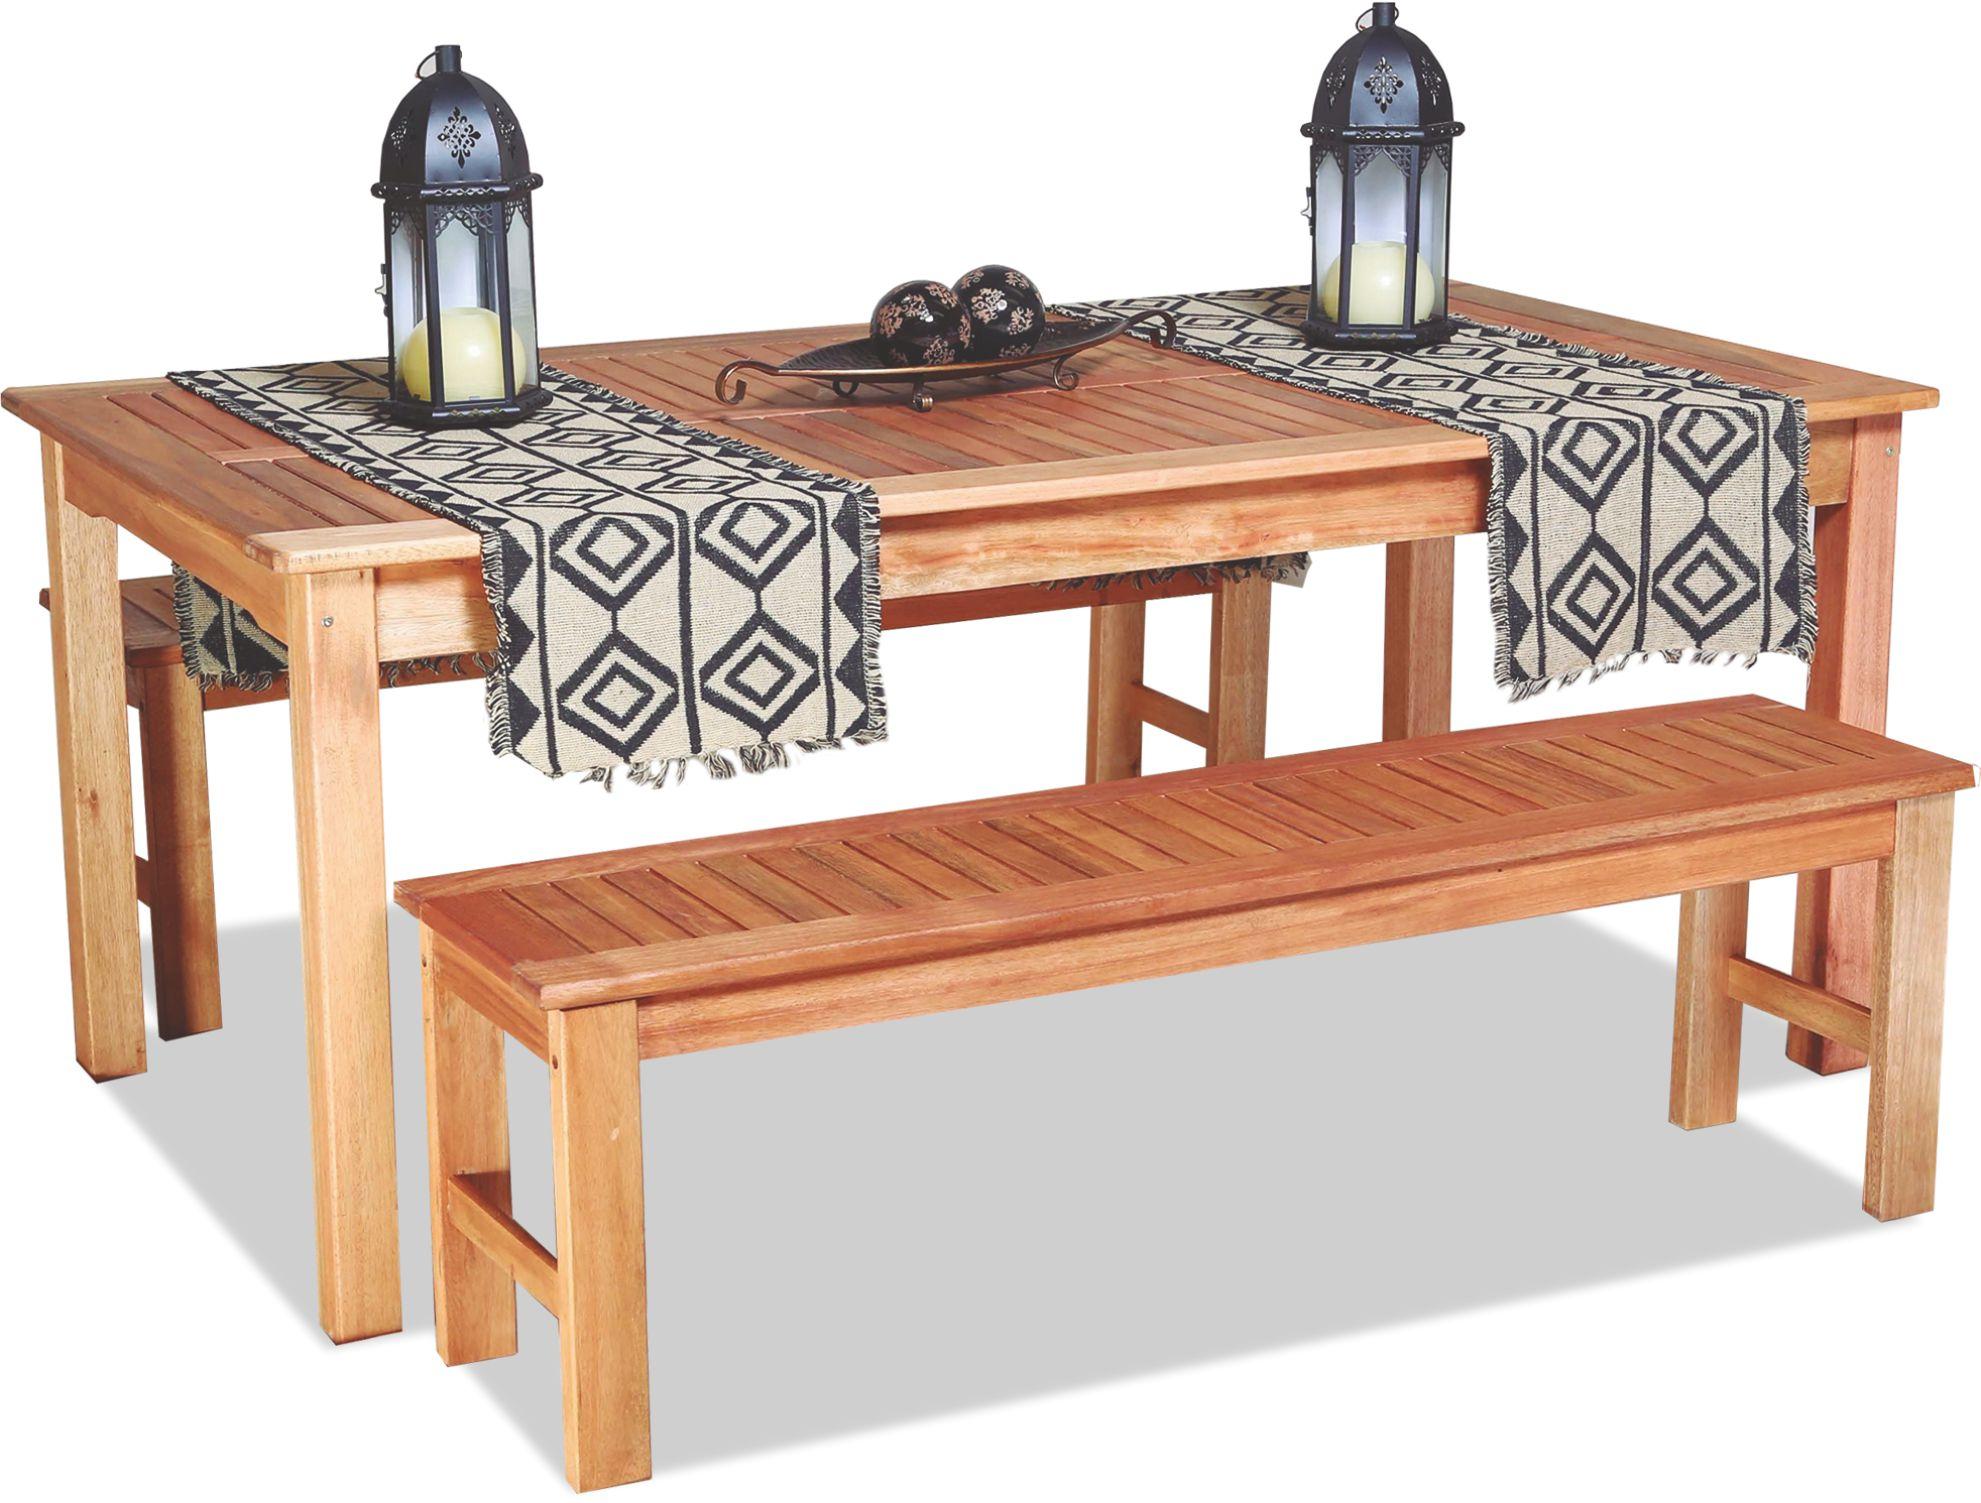 Confort y muebles tienda online de productos de madera - Muebles exterior madera ...